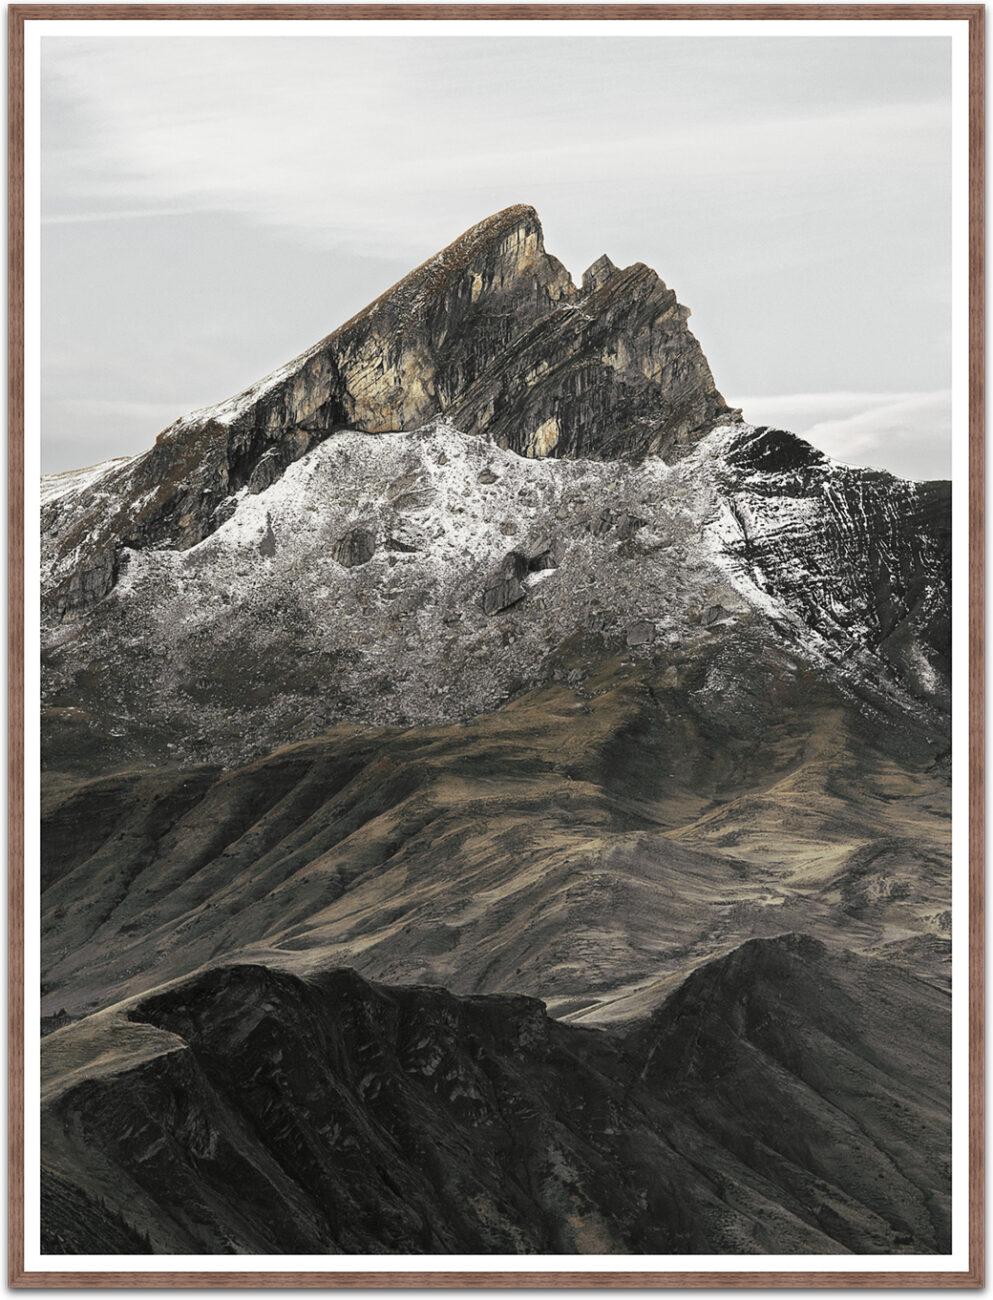 Grossformat-Foto Schwabhorn, Berg in den schweizer Bergen, Kunstfotografie-Serie Elemente 4